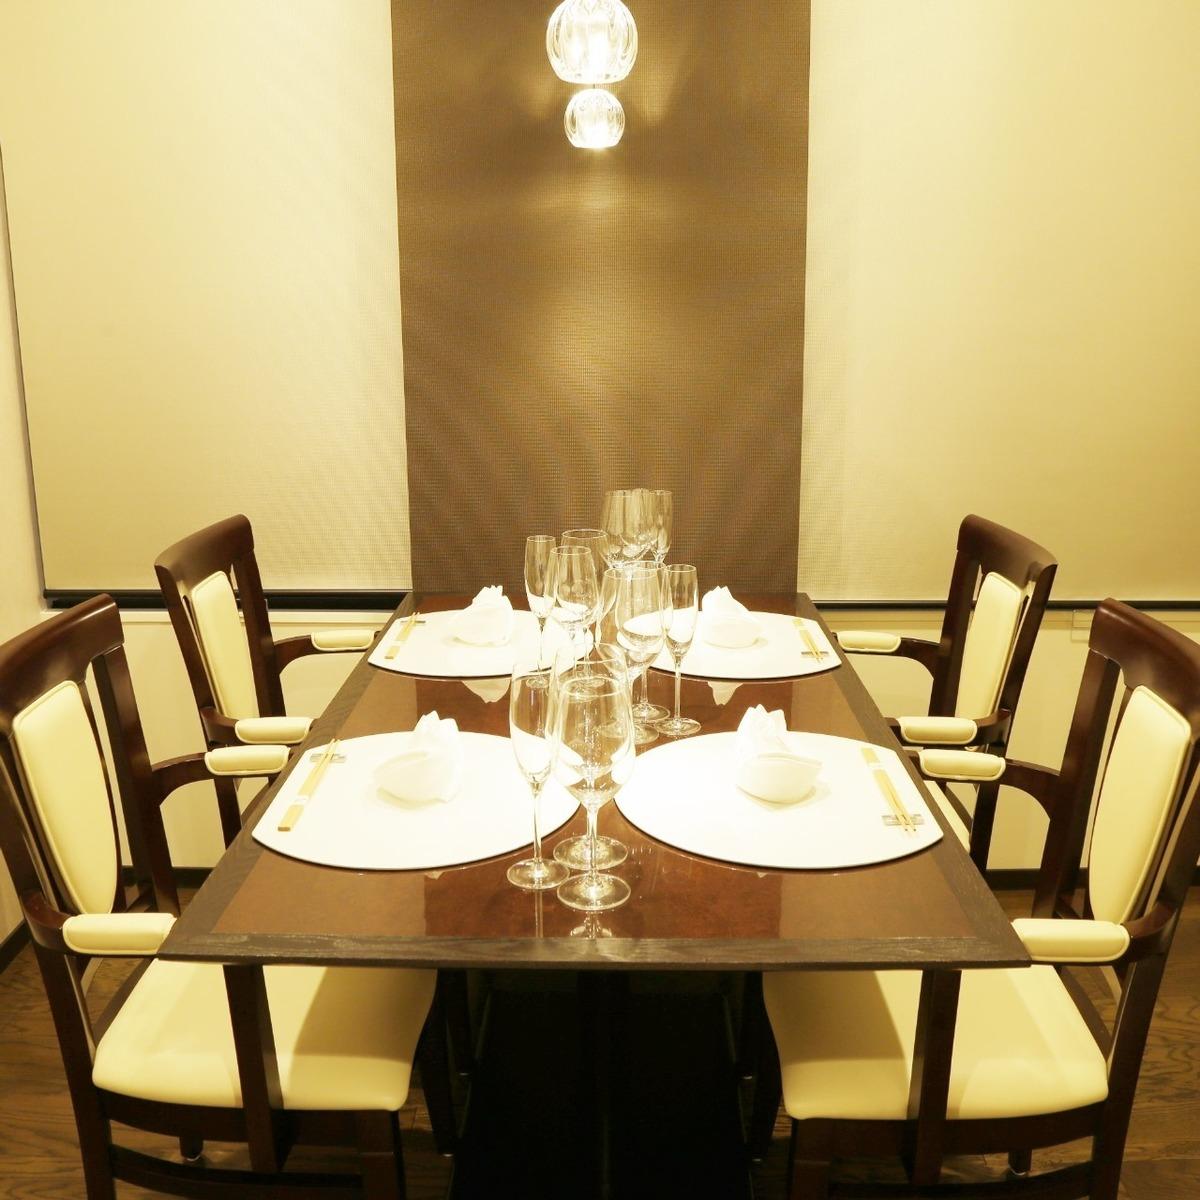 個室【皐】(3名様~4名様)接待、ビジネスの会食に最適落ち着いた照明のなかで周りを気にせずお食事いただけます。チャージ料金はご飲食代金の10%/喫煙可